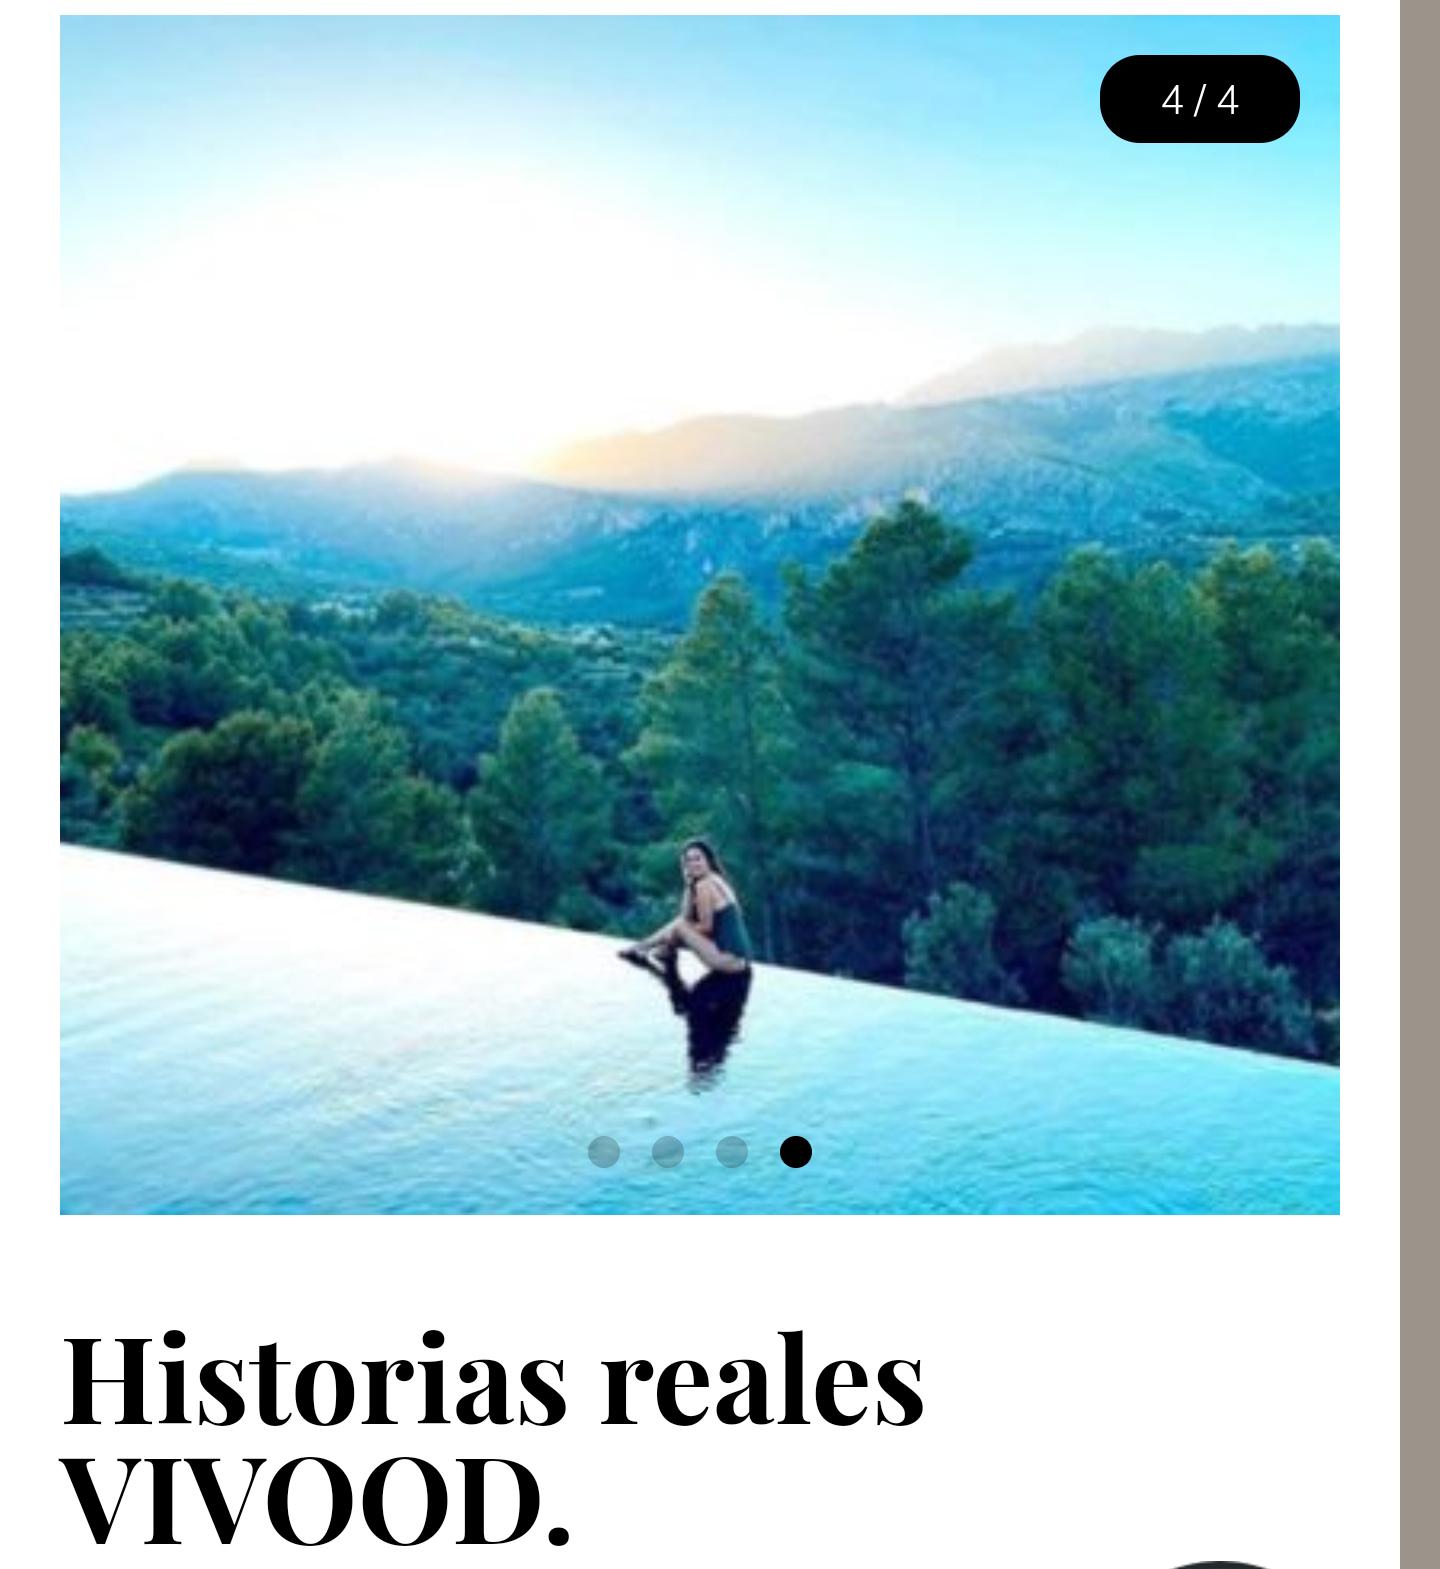 Vivood - Impresionante descuento 40% en un hotel de ensueño junto al castillo de Guadalest - Alicante